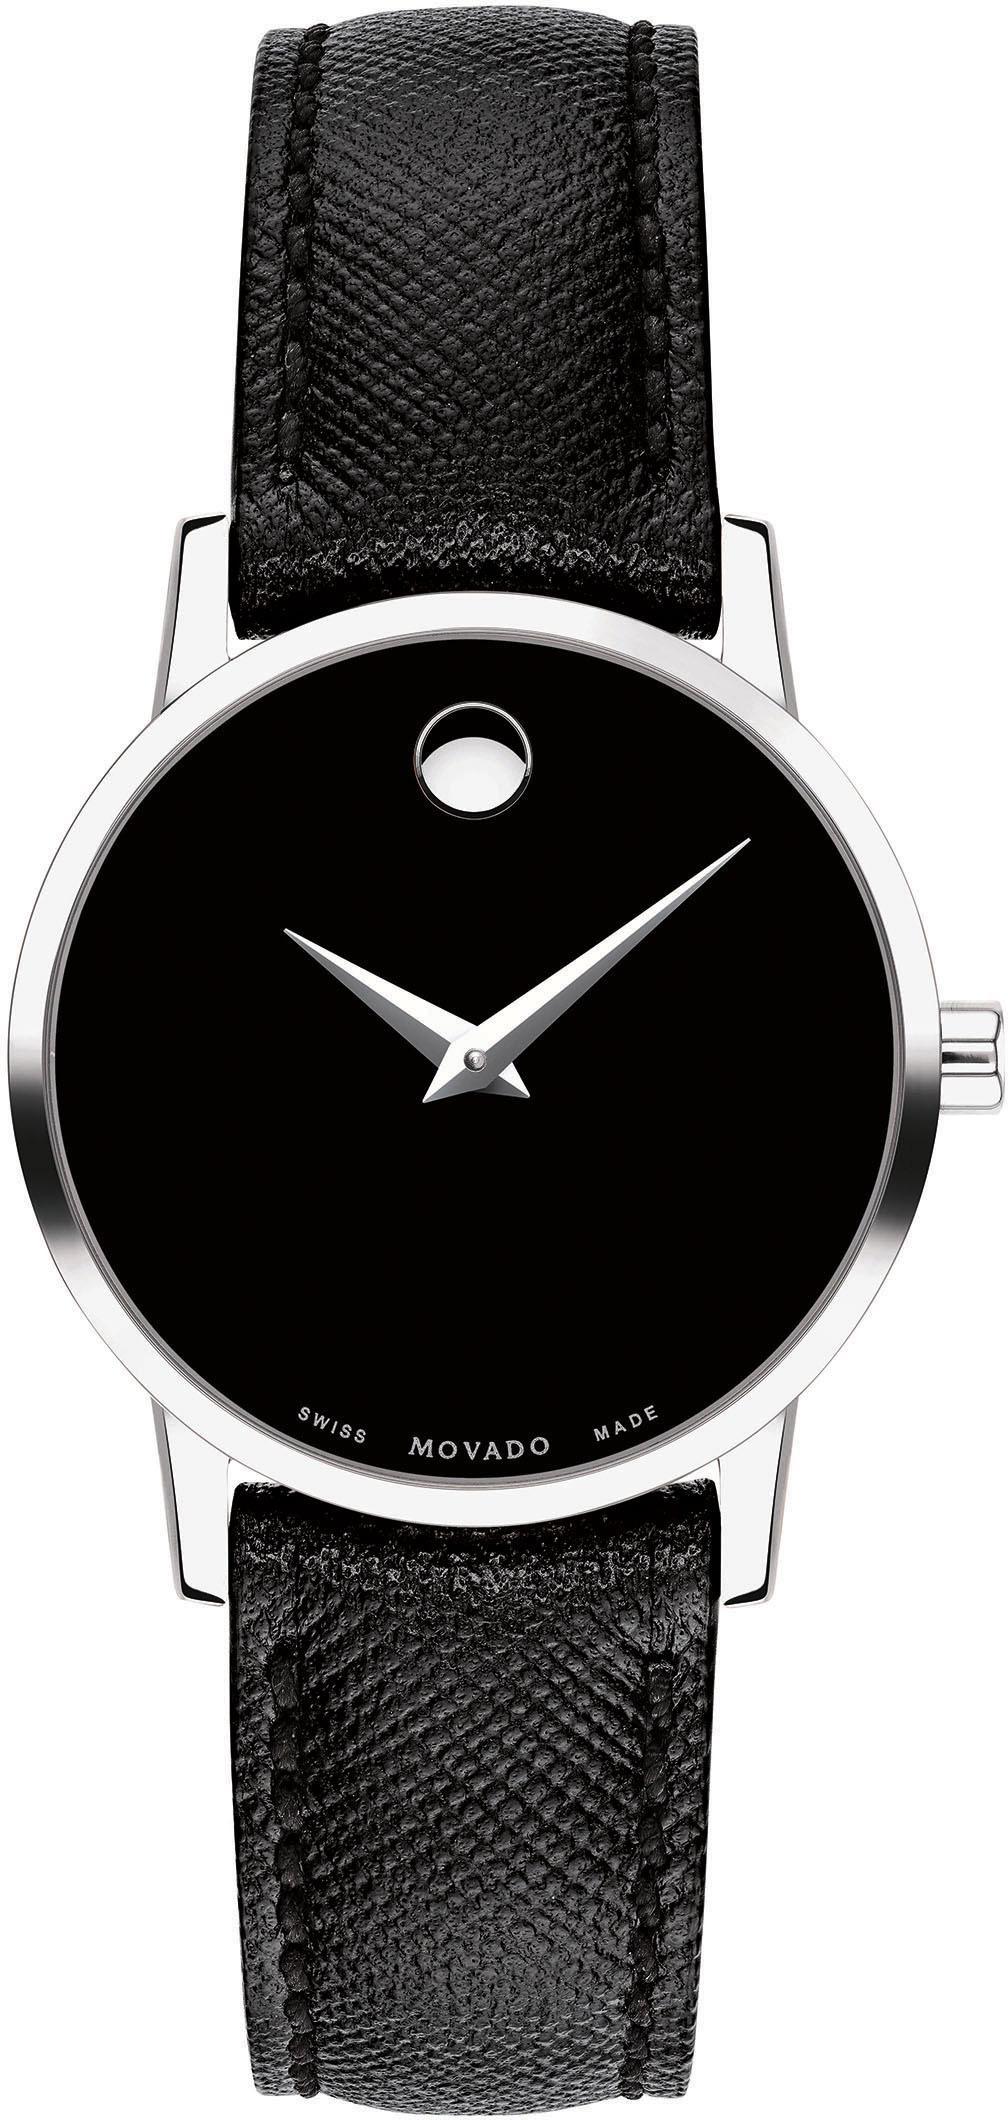 MOVADO Schweizer Uhr MUSEUM, 607204   Uhren > Schweizer Uhren   Movado